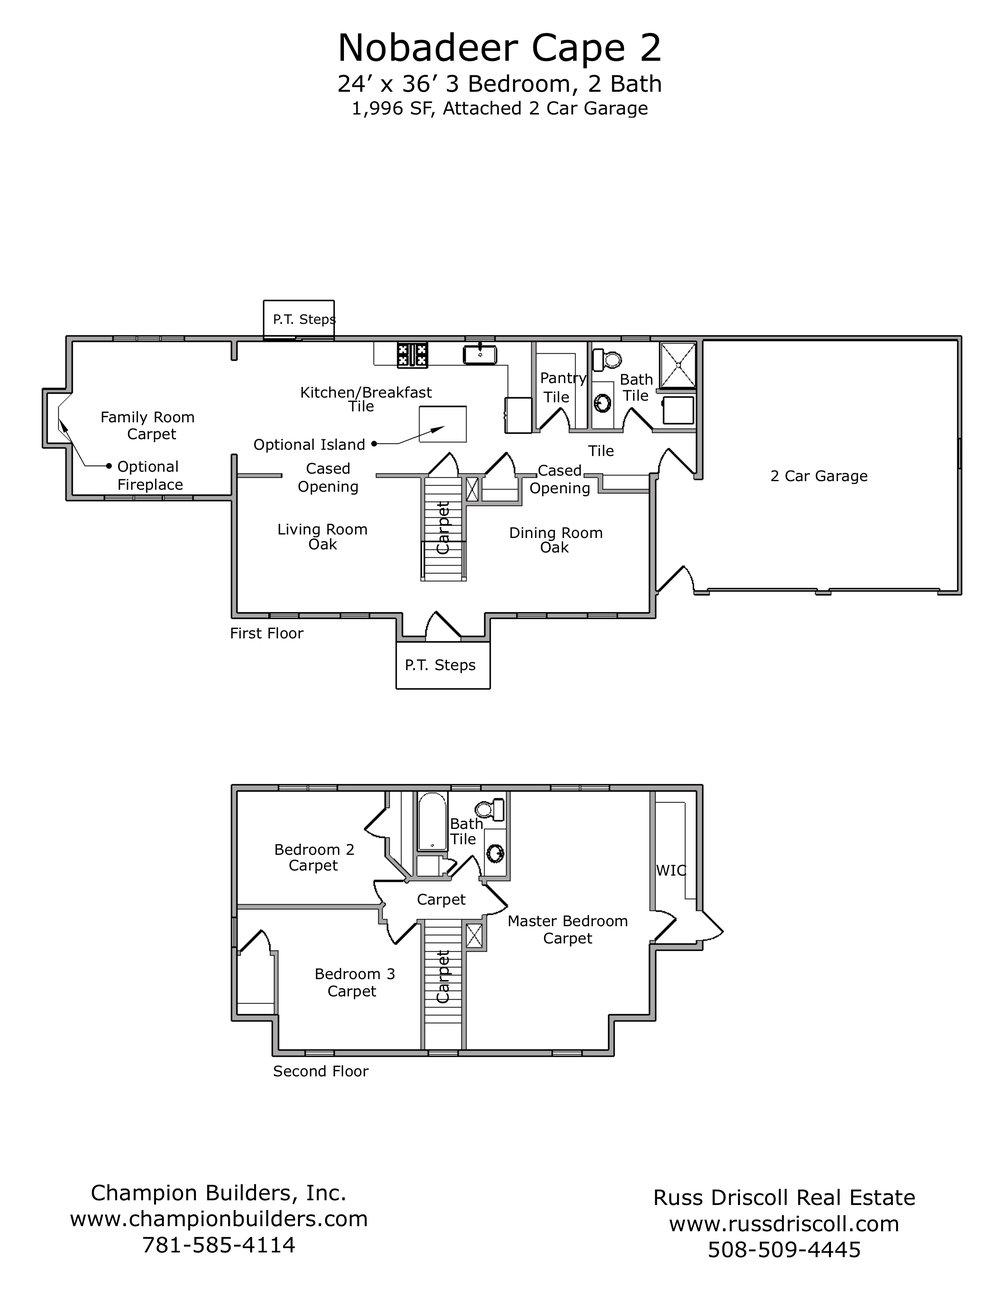 2019-01-18 - nobadeer 2 layout plan.jpg